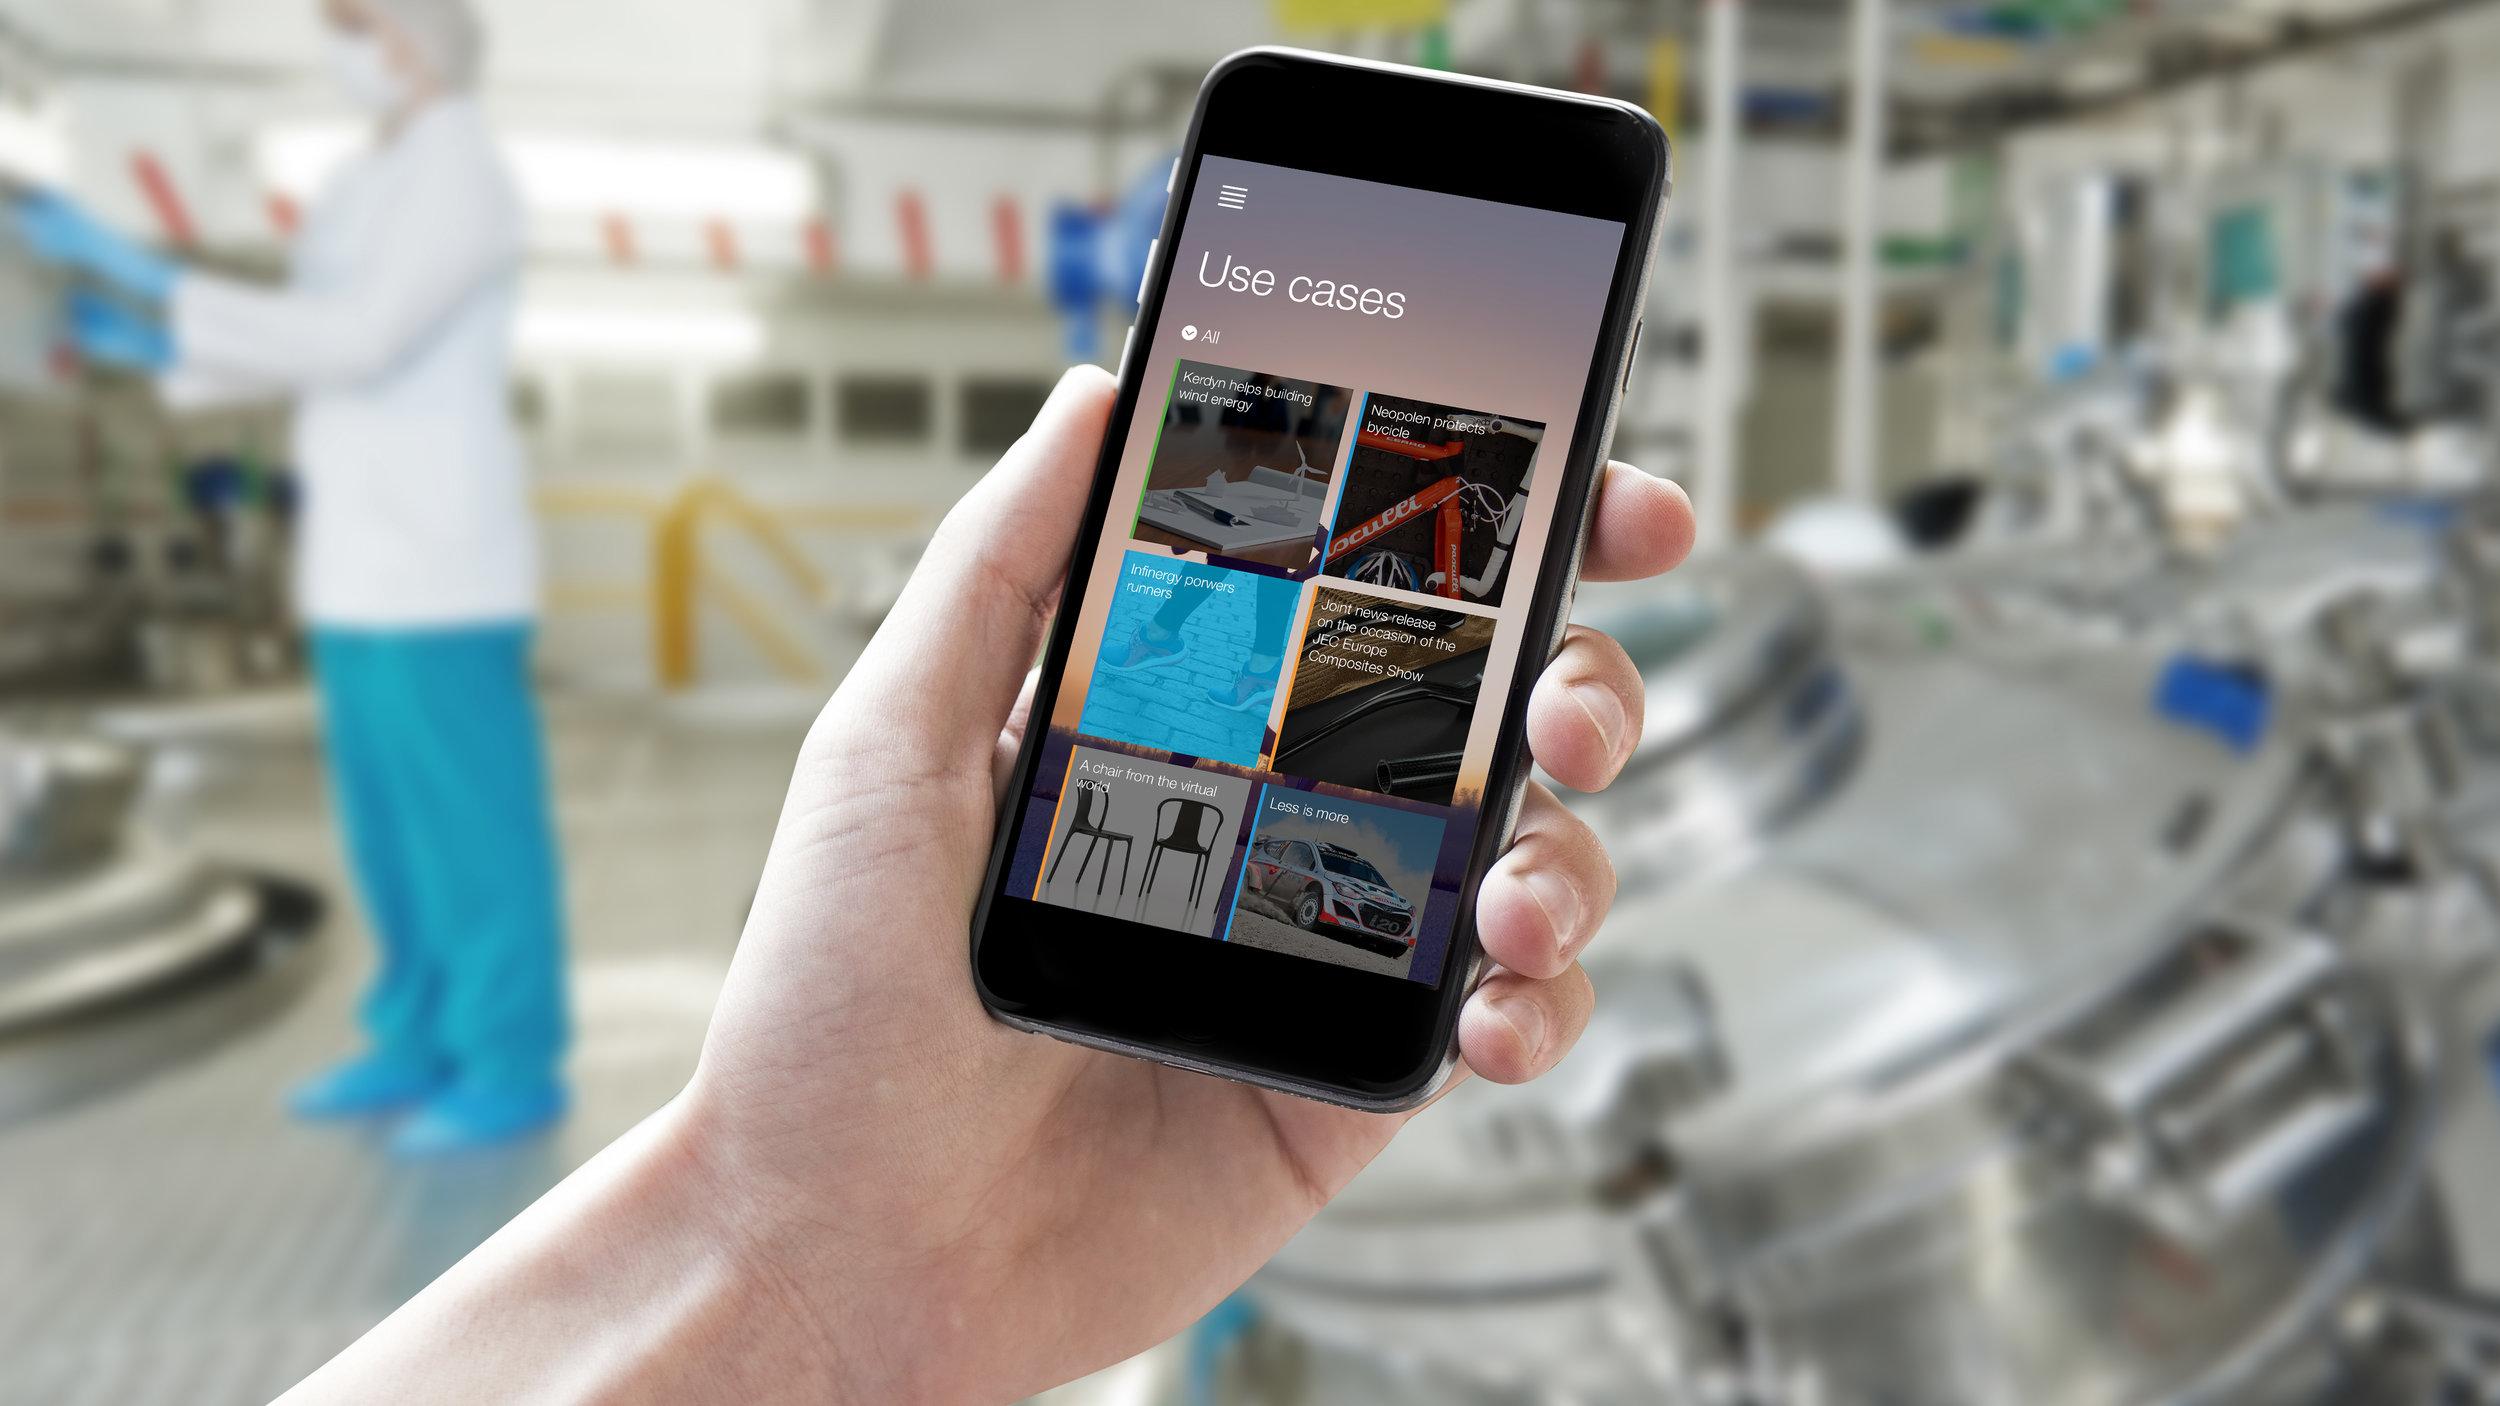 scientist_using_app02.jpg